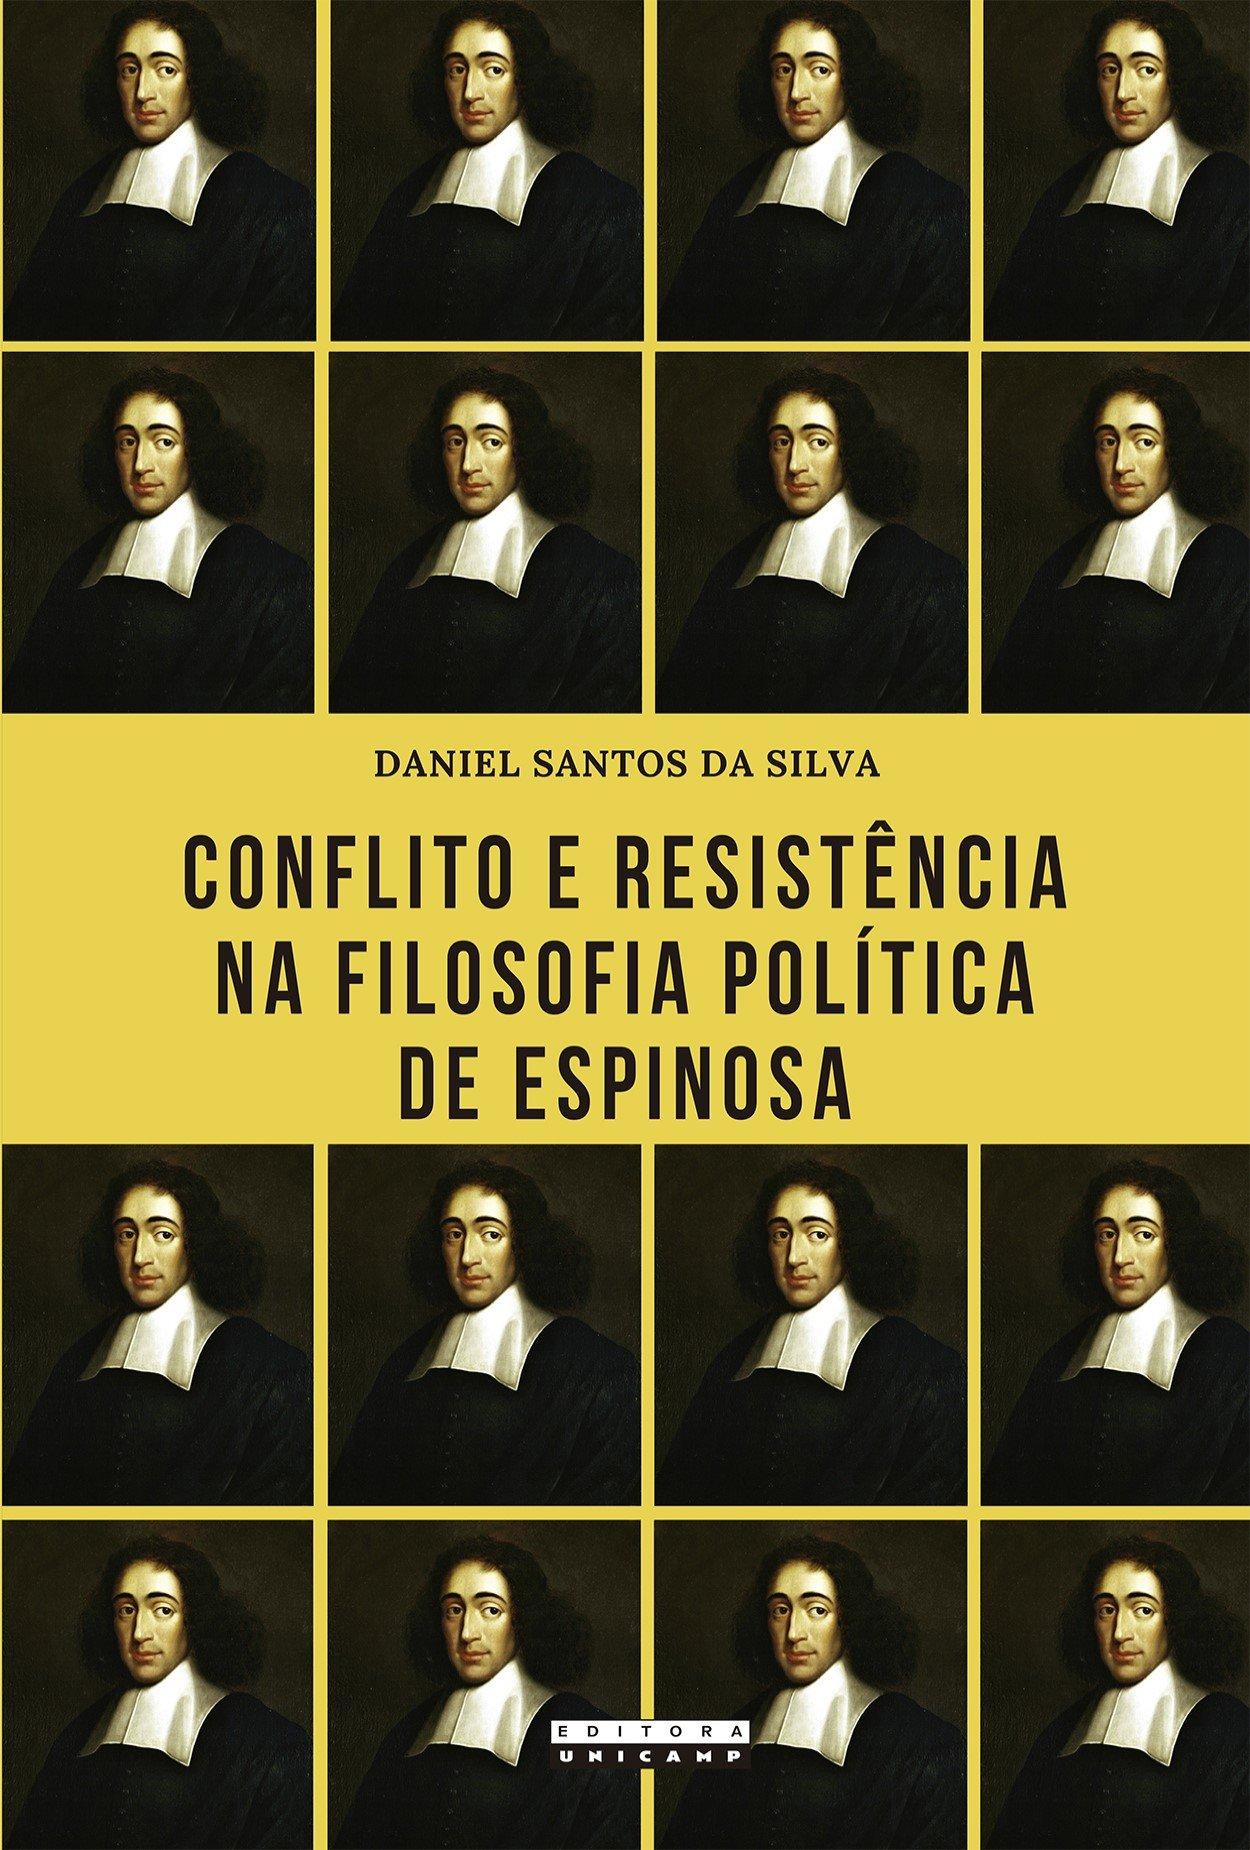 Conflito e resistência na filosofia política de Espinosa, livro de Daniel Santos da Silva